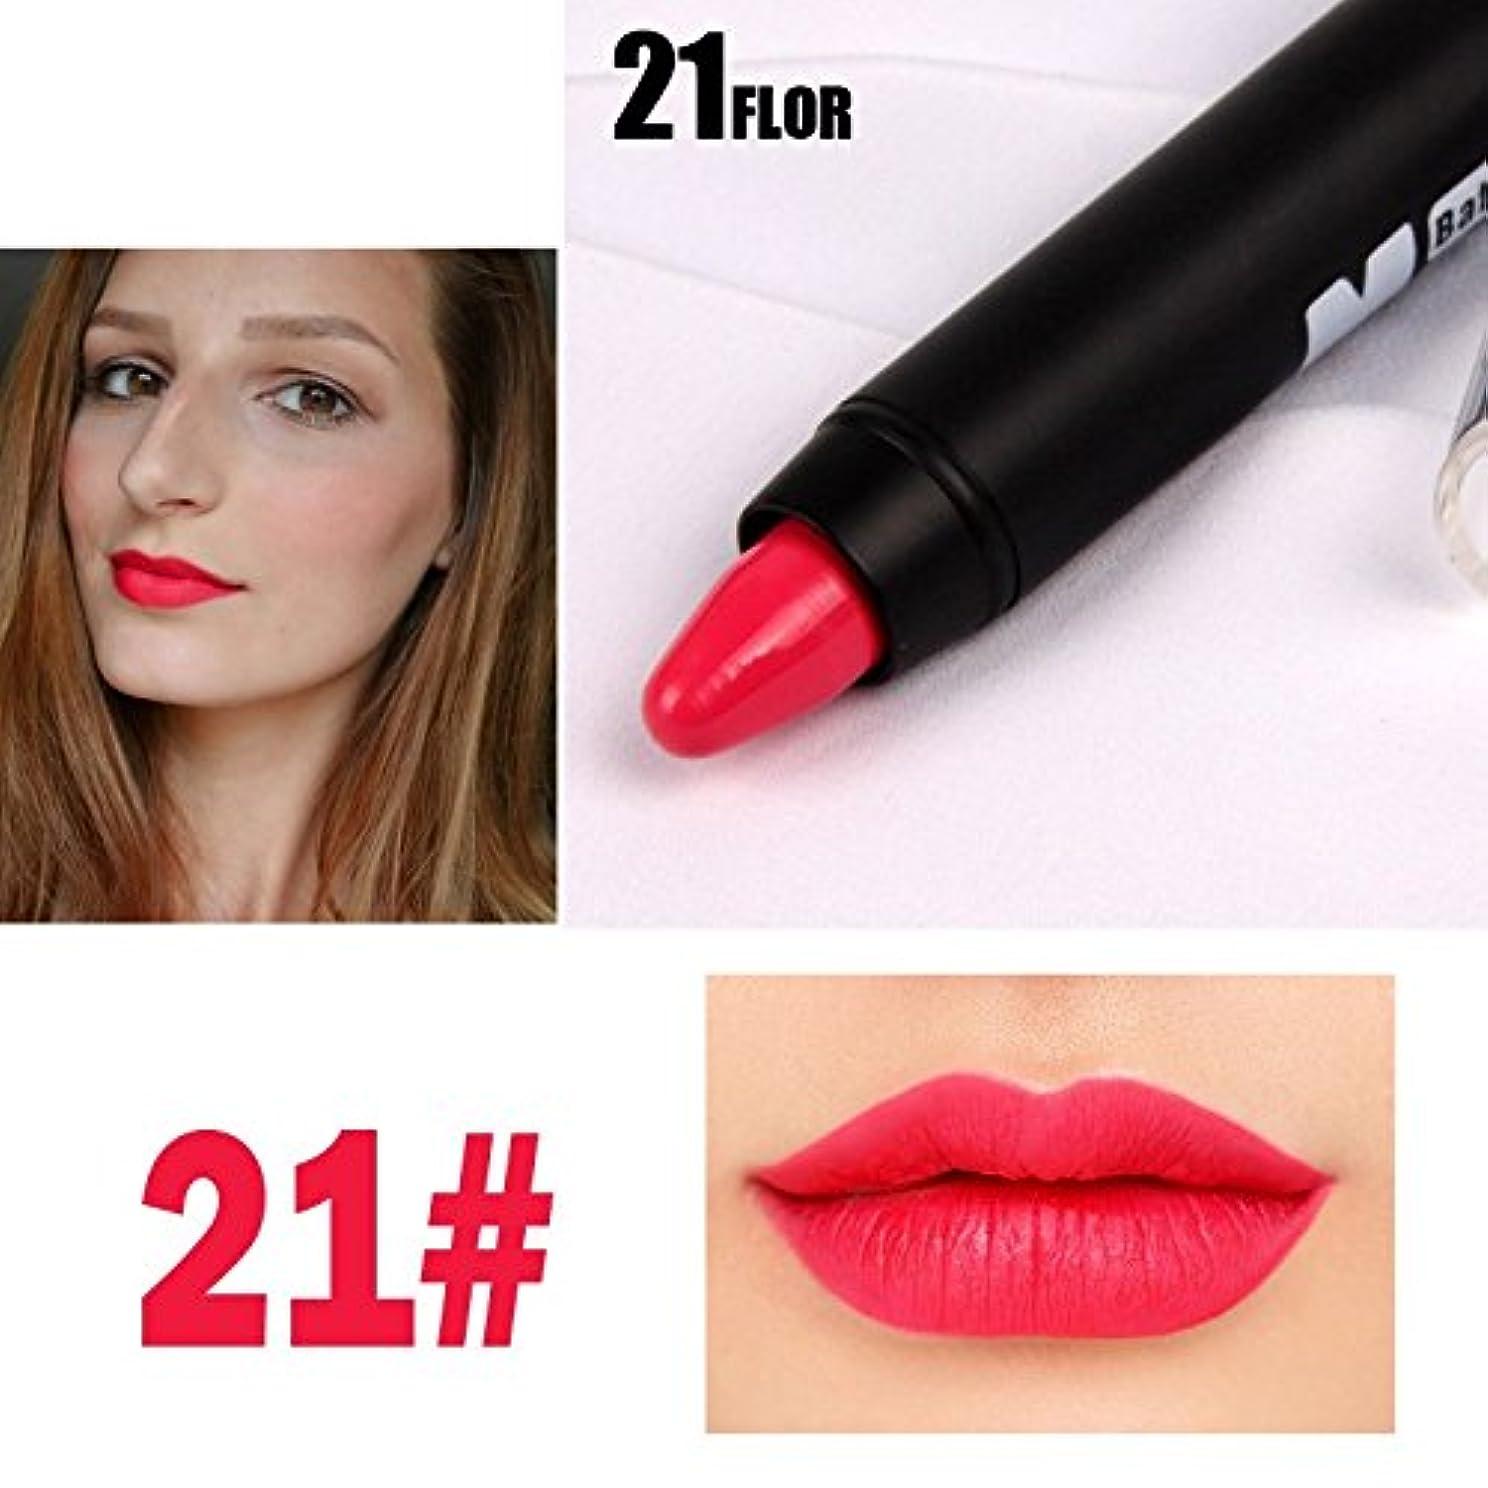 いう年金受給者プラスチックMISS ROSE Professional Women Waterproof Lipstick Lips Cream Beauty Lote Batom Matte Lipstick Nude Pencils Makeup